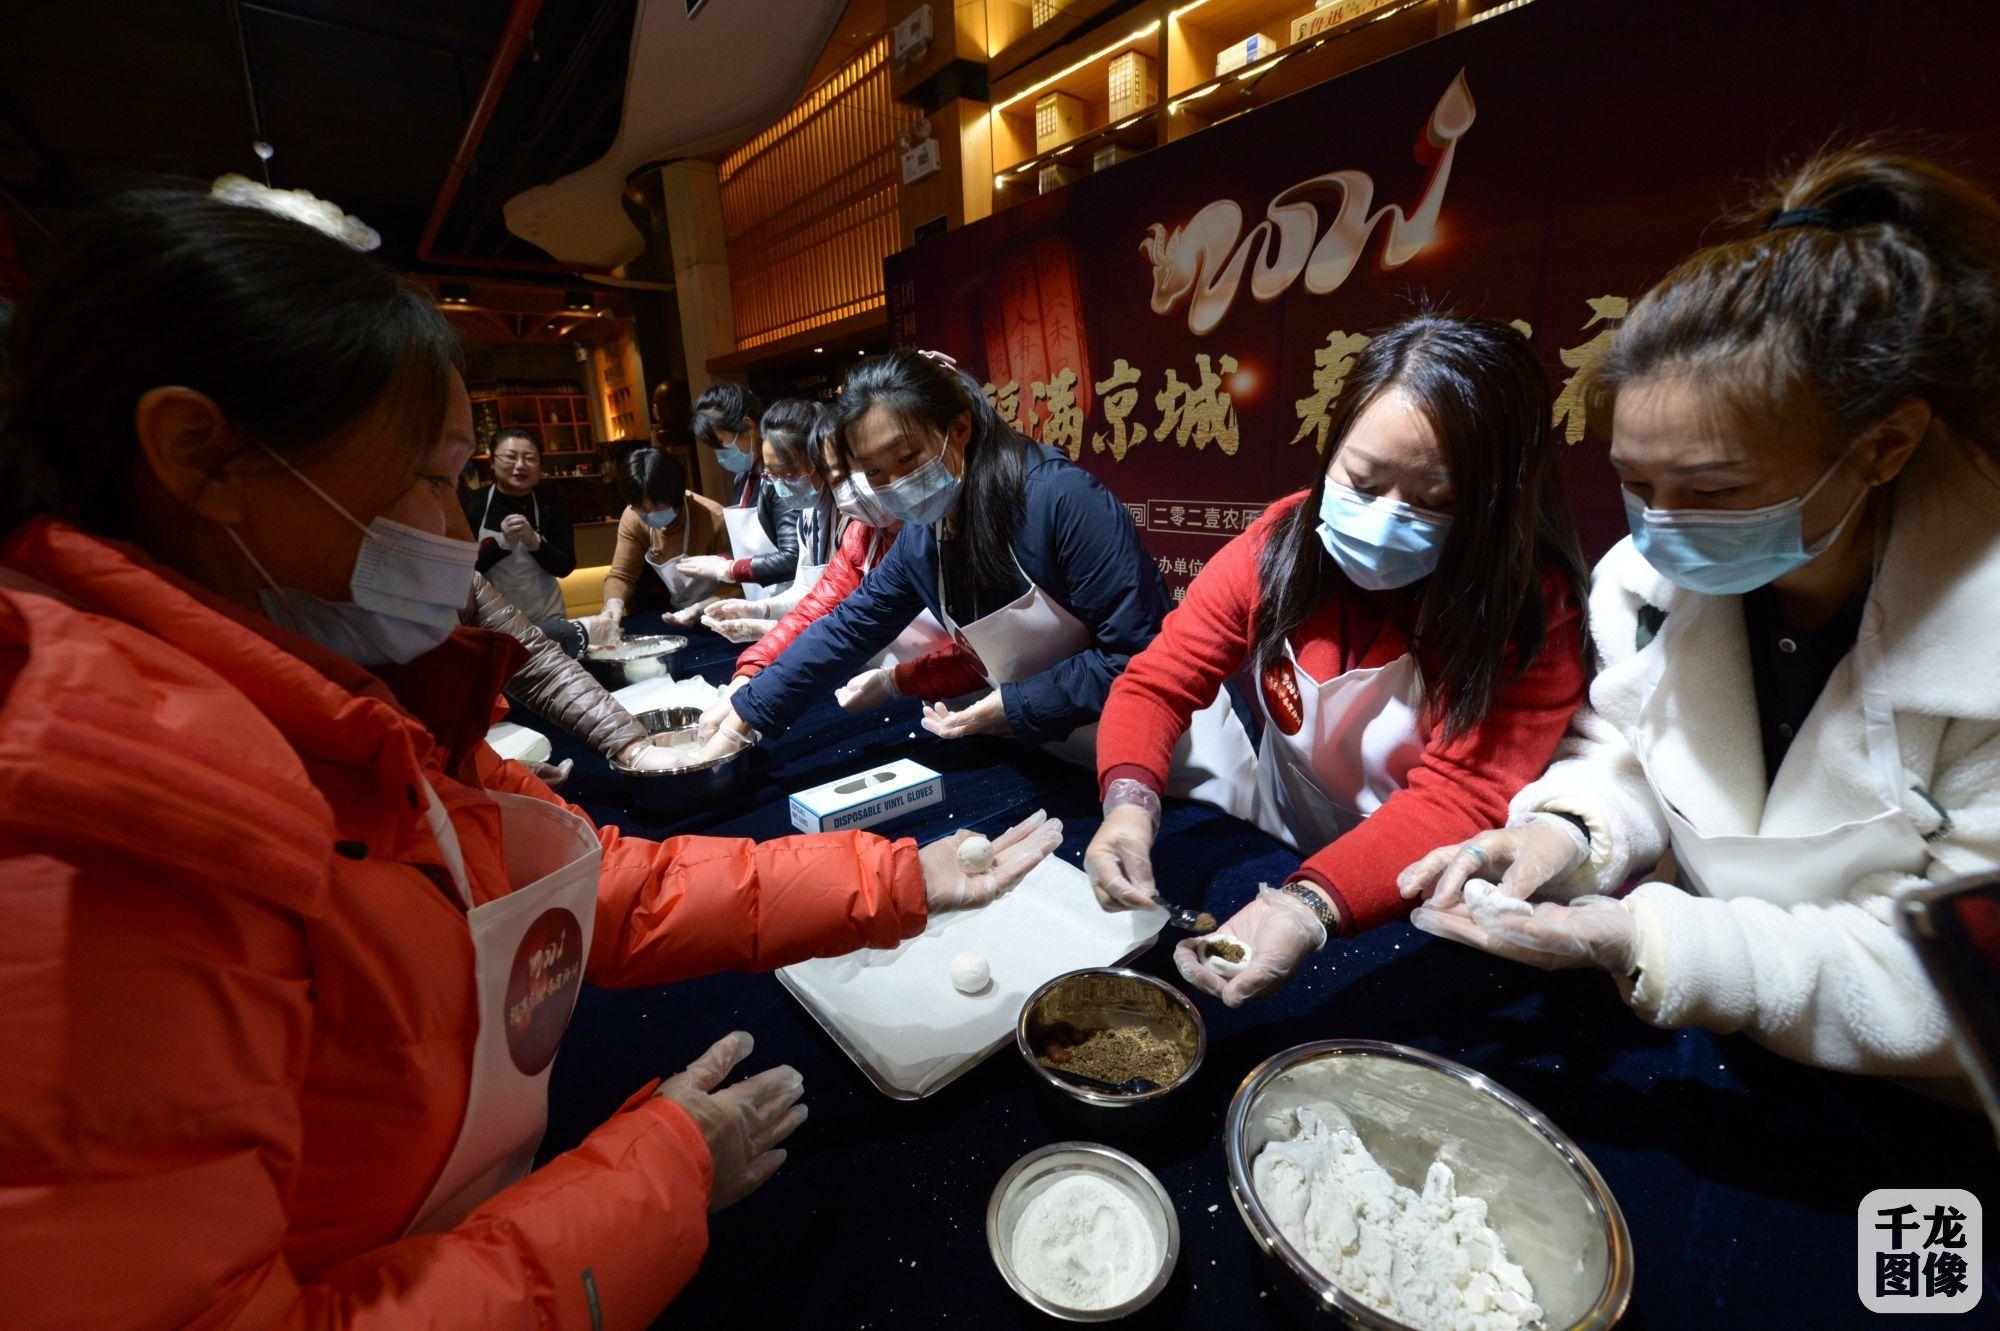 讲文化、猜灯谜、做元宵……北京怀柔推20余项线上活动邀市民过元宵节